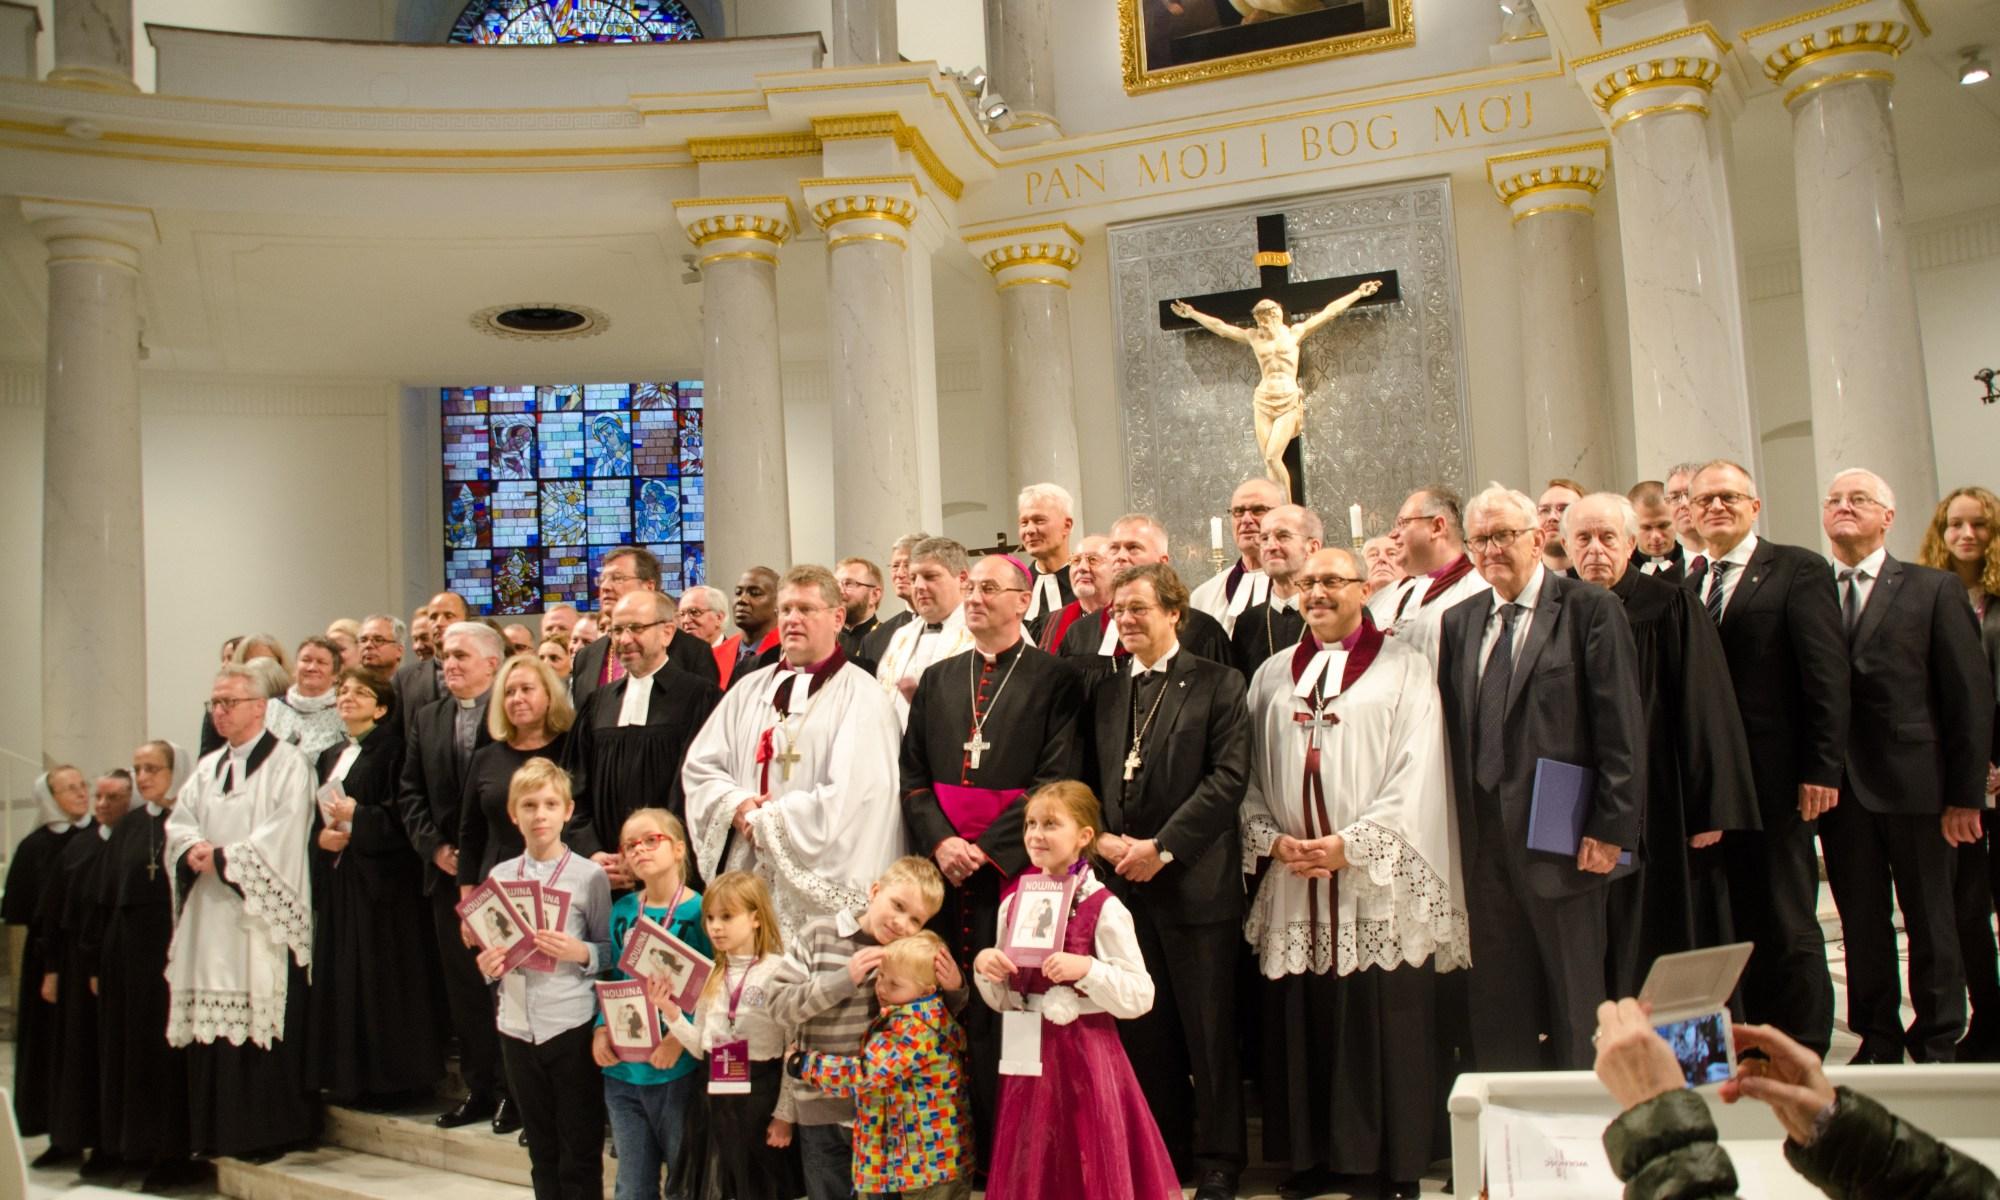 Festgottesdienst in der Warschauer Trinitatiskirche